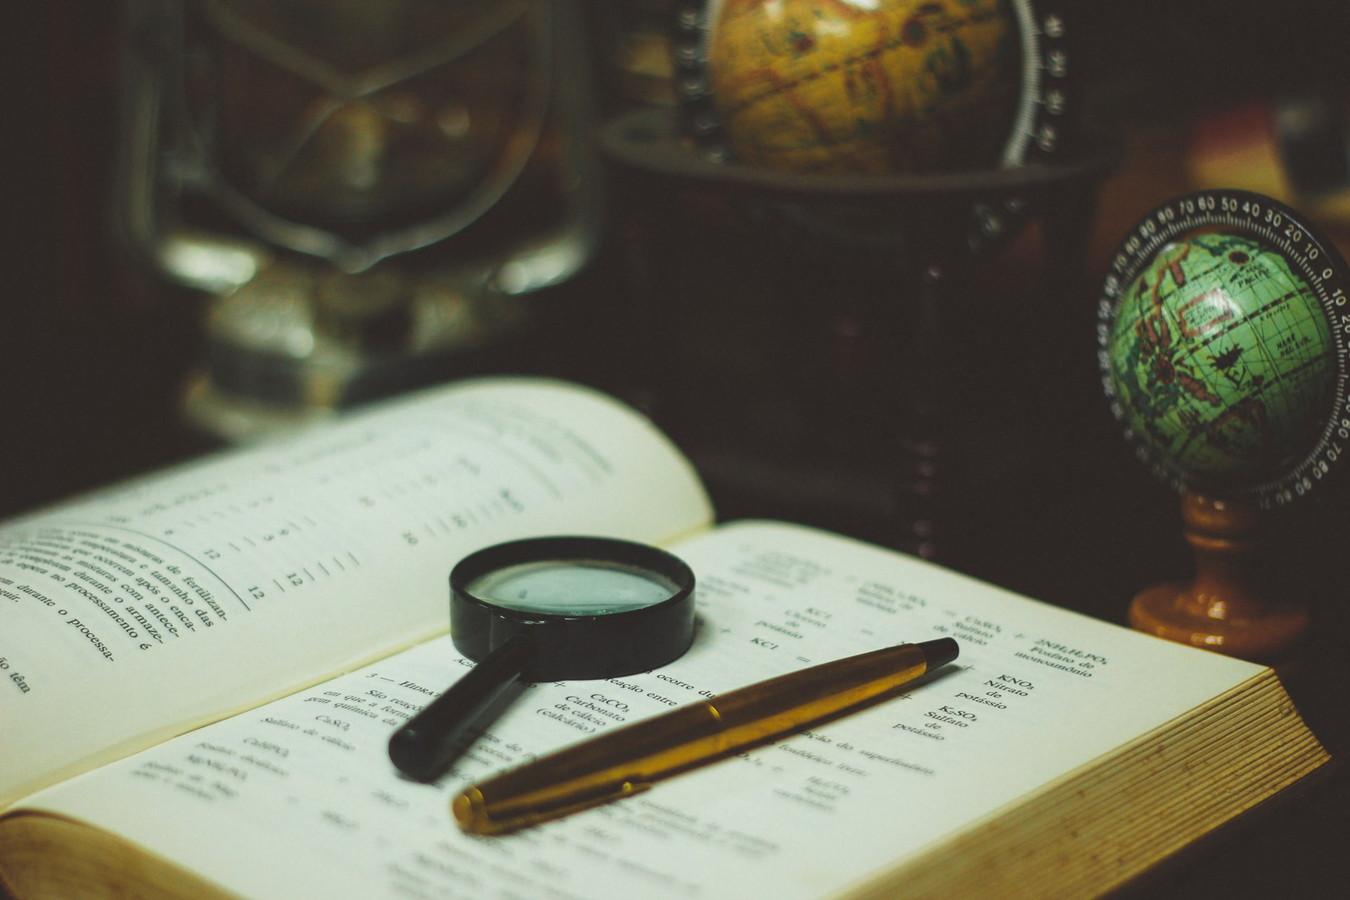 【書評】中学歴史 平成30年度文部科学省検定不合格教科書[国史を学ぶ]